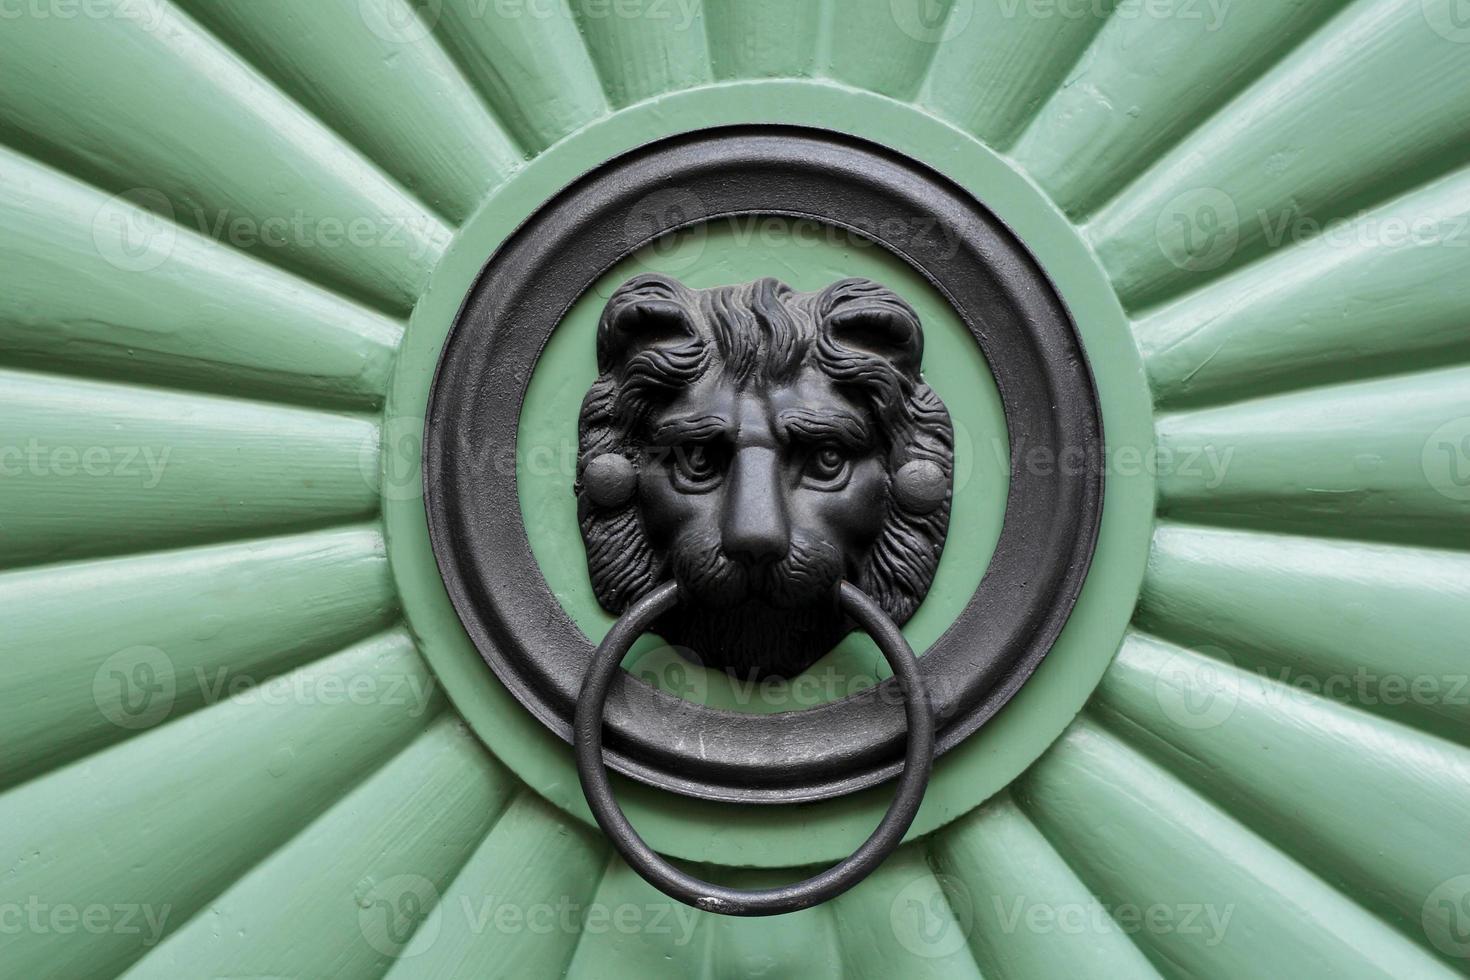 grüne Tür mit Ornamentlöwe foto